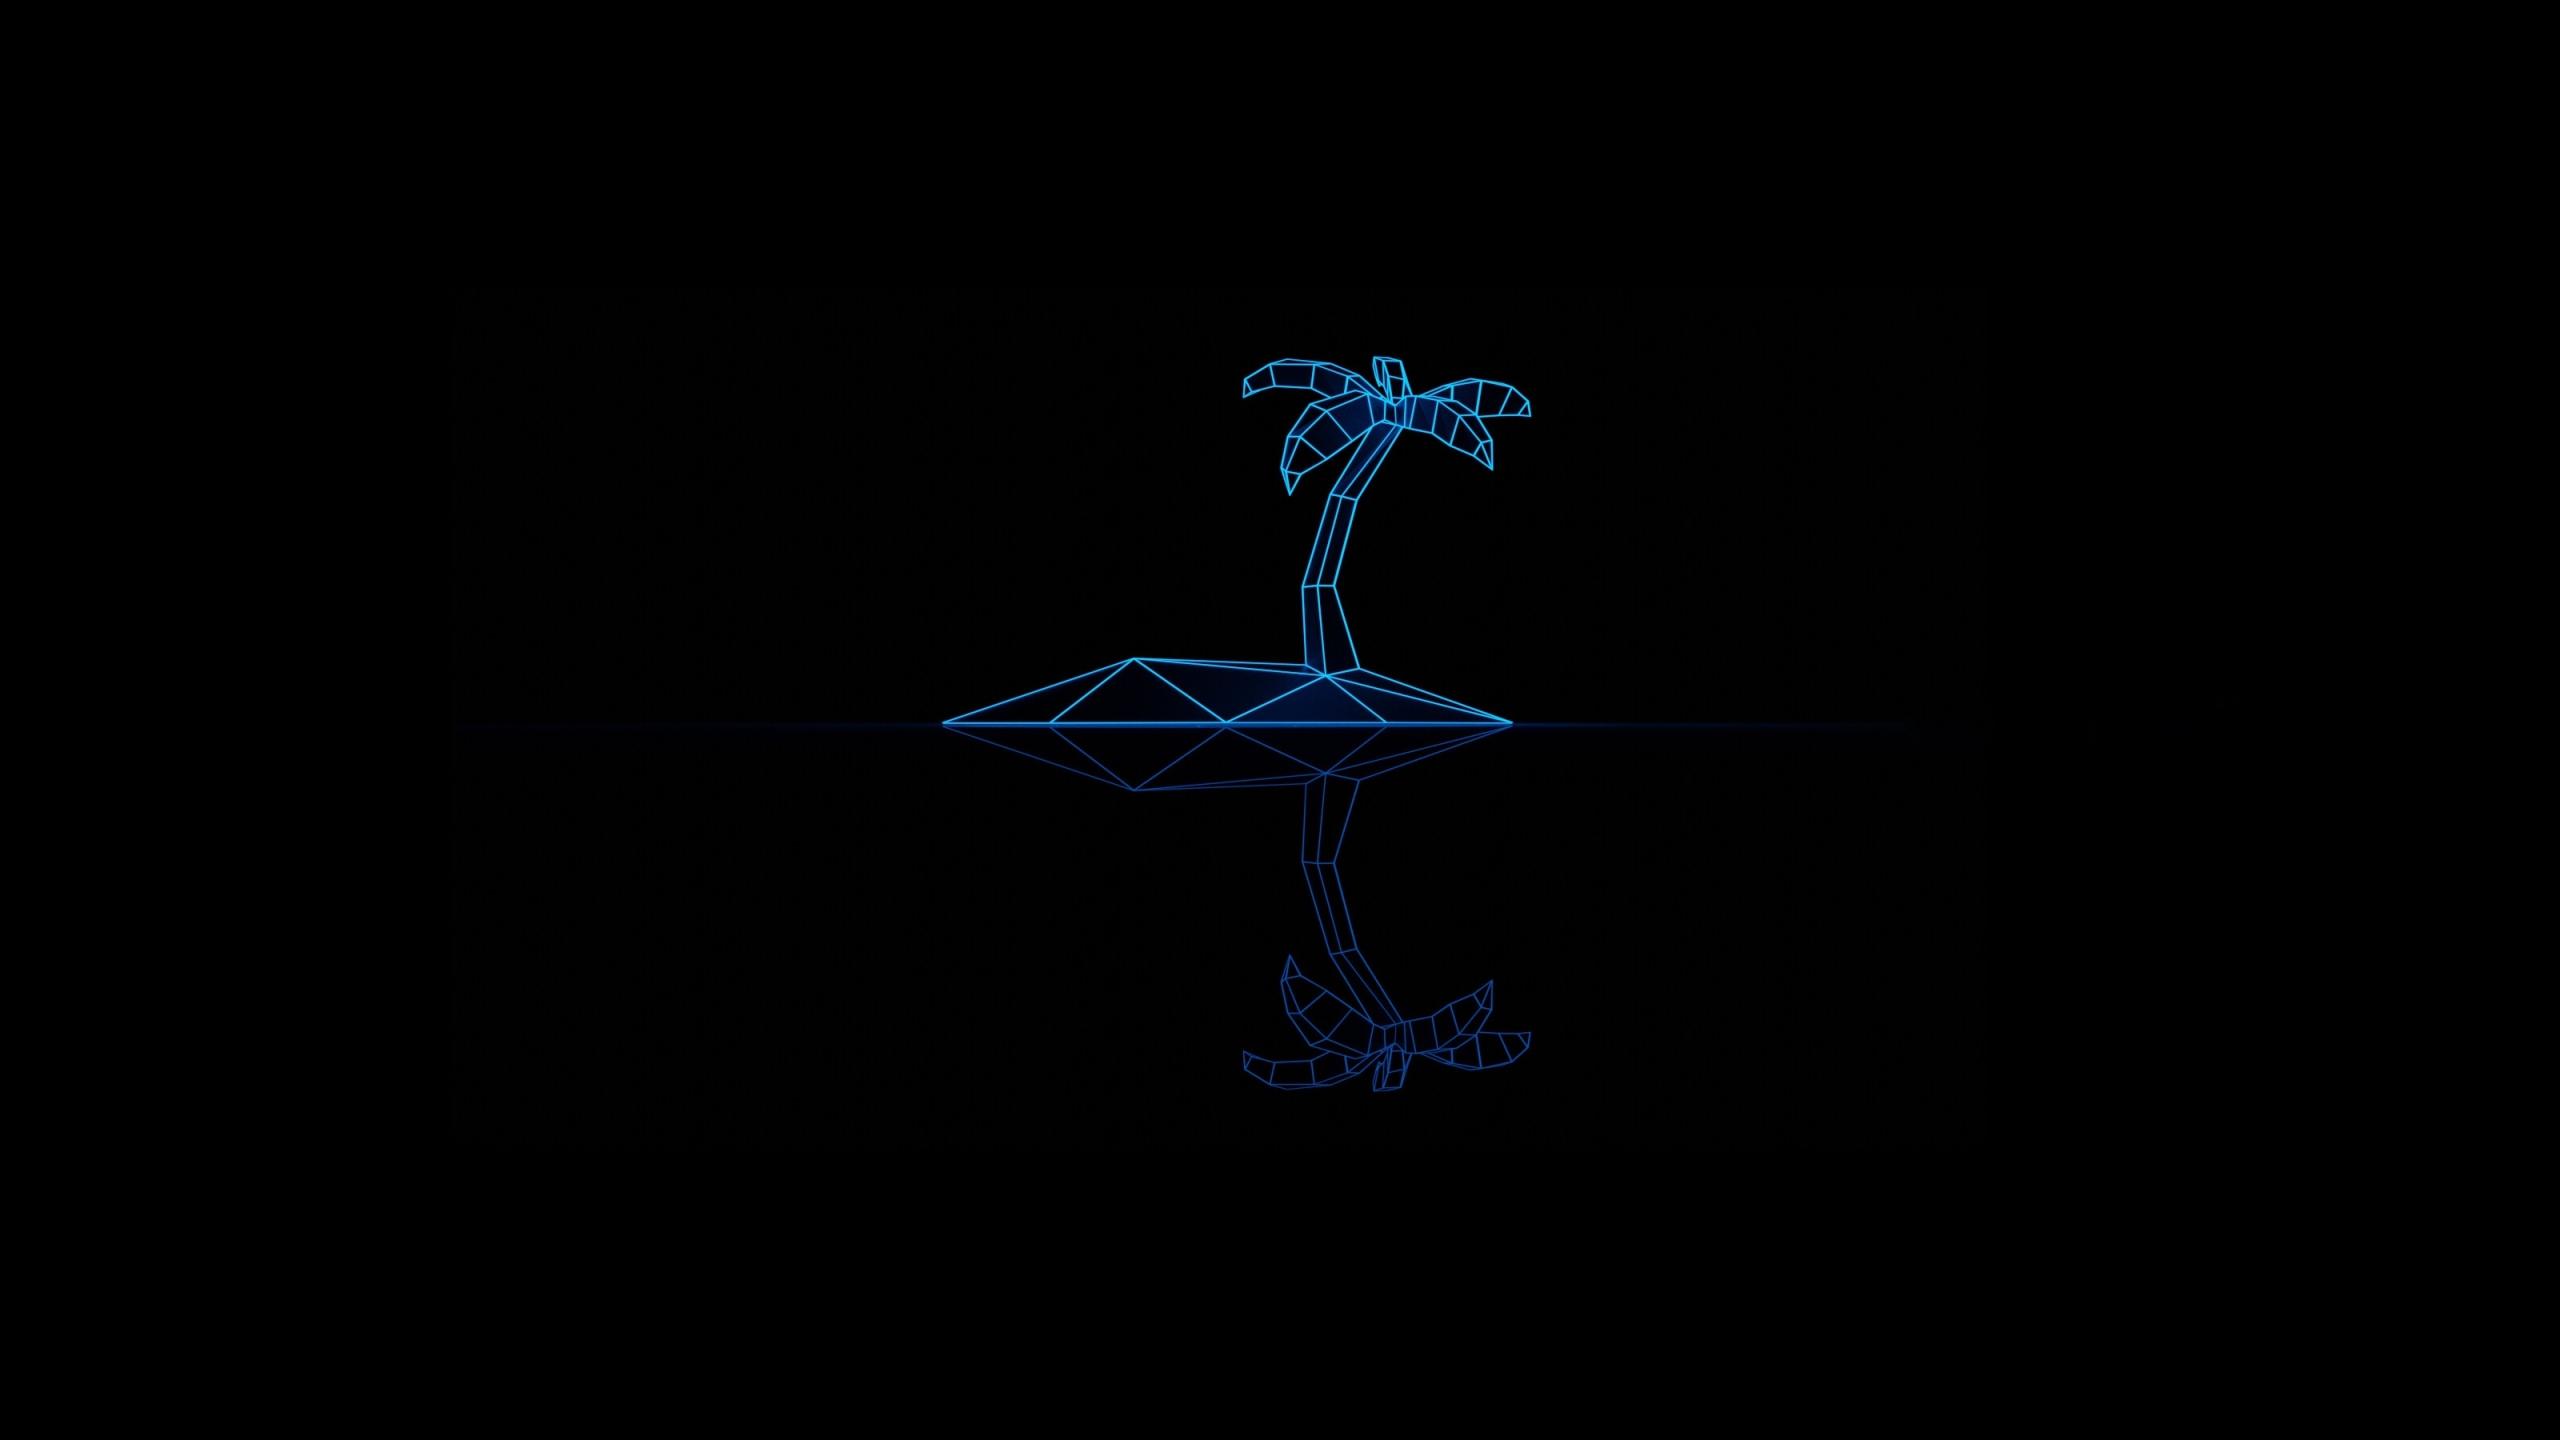 2560x1440 Synthwave Dark Minimal Art 1440P Resolution ...